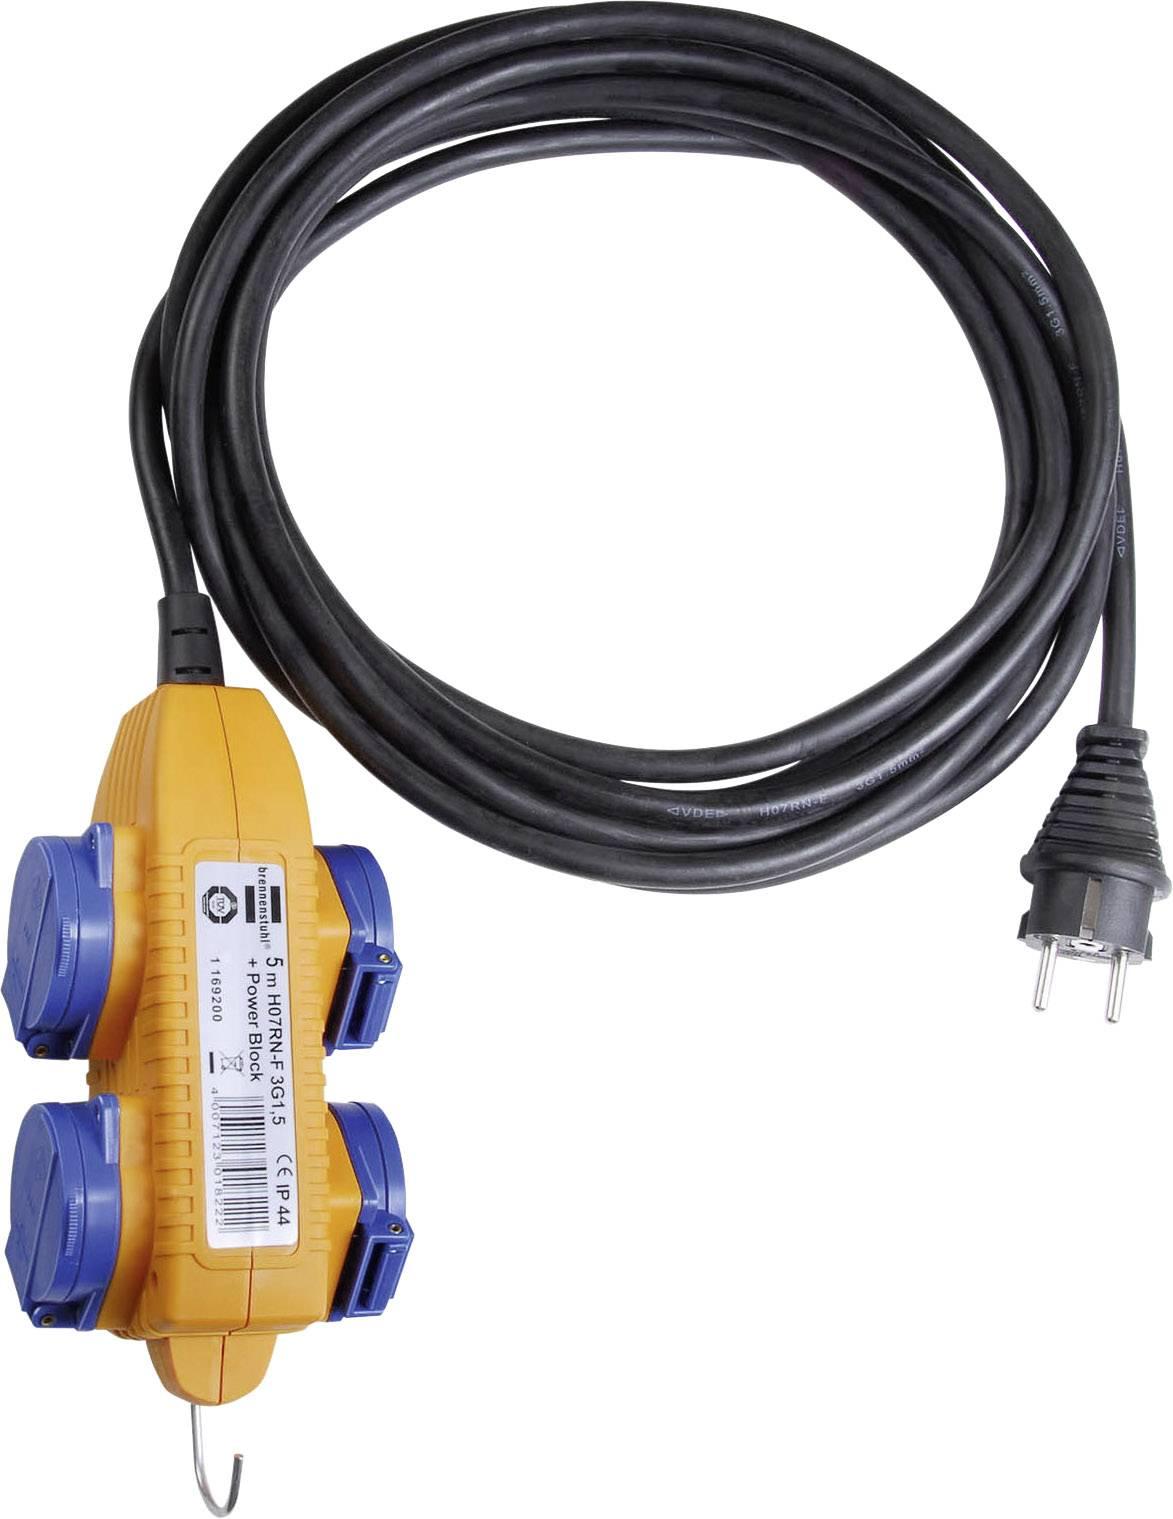 Odolný predlžovací kábel Brennenstuhl 1169204, 4x zásuvka, 5 m, IP44, CZ